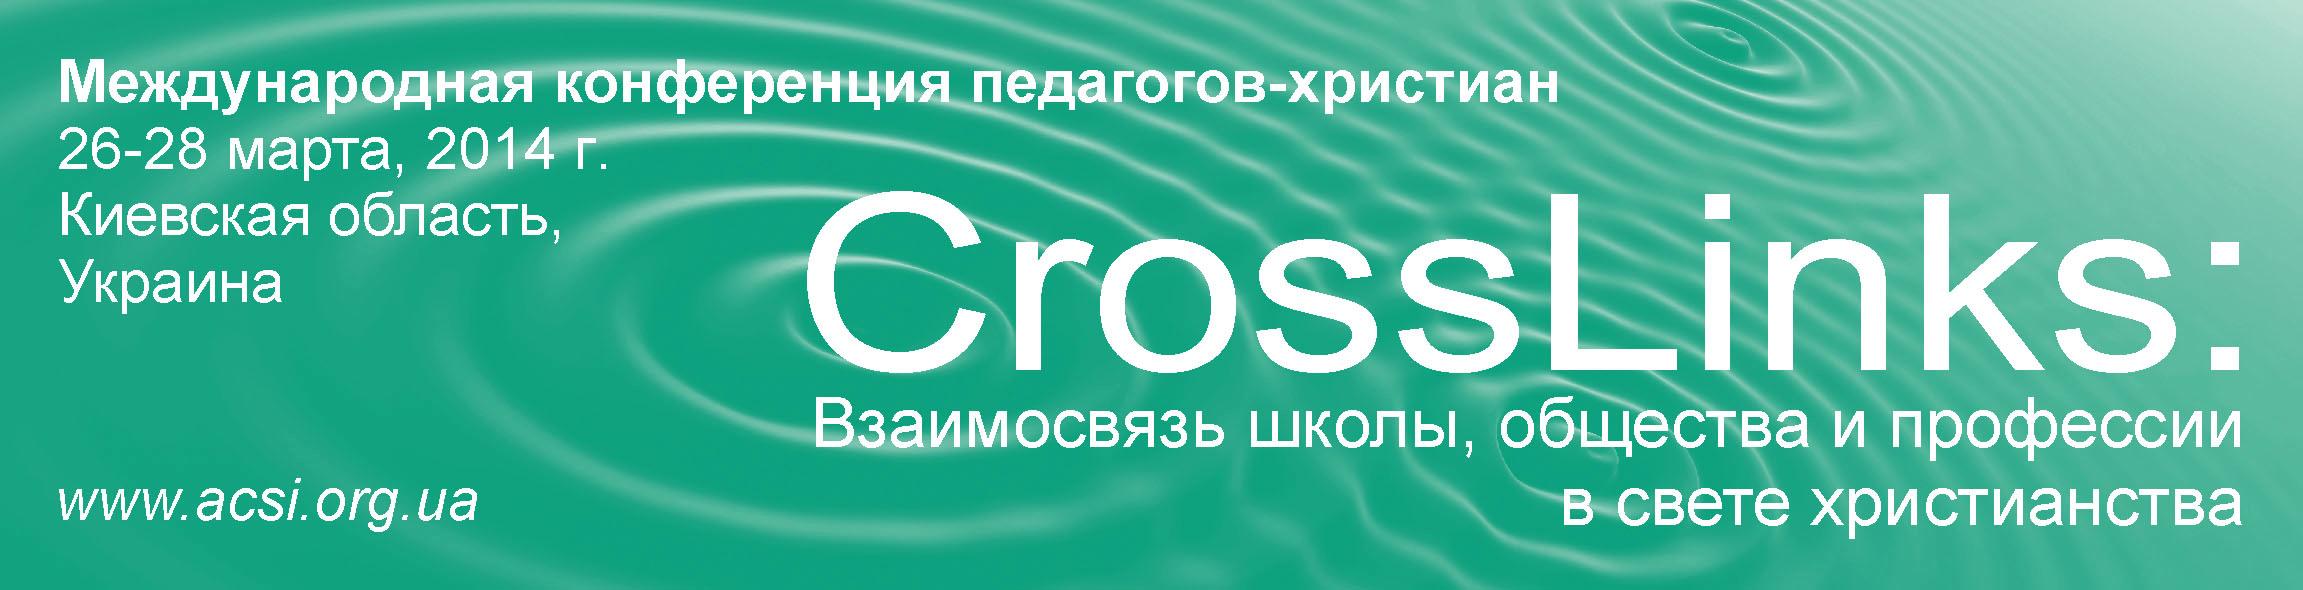 CrossLinks: взаимосвязь школы, общества и профессии в свете